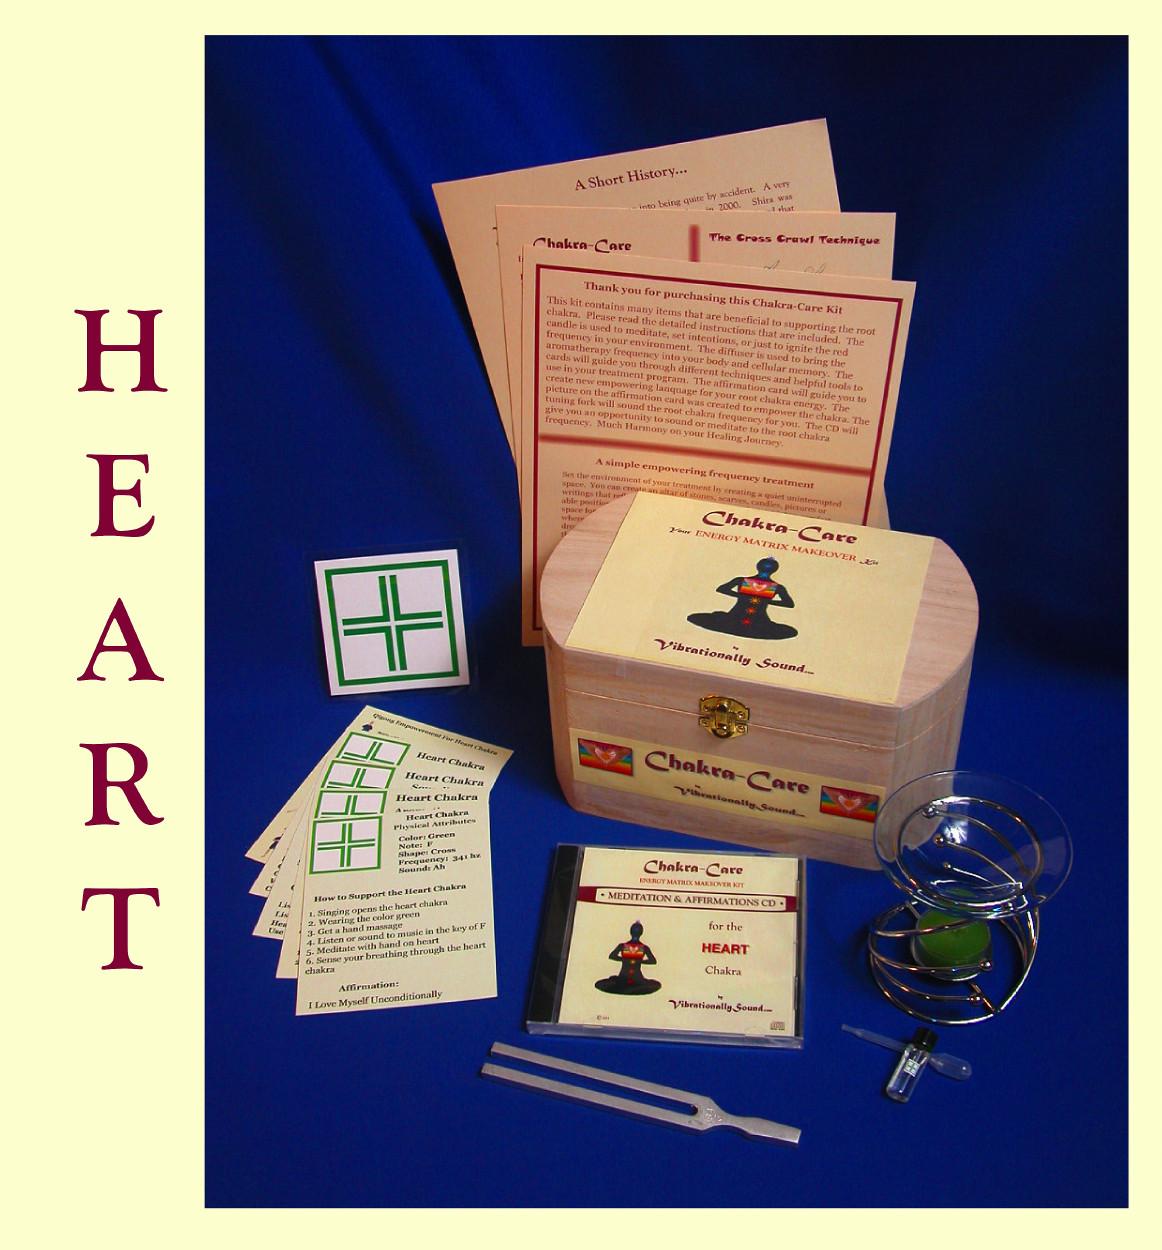 CC KIT HEART + NAME small